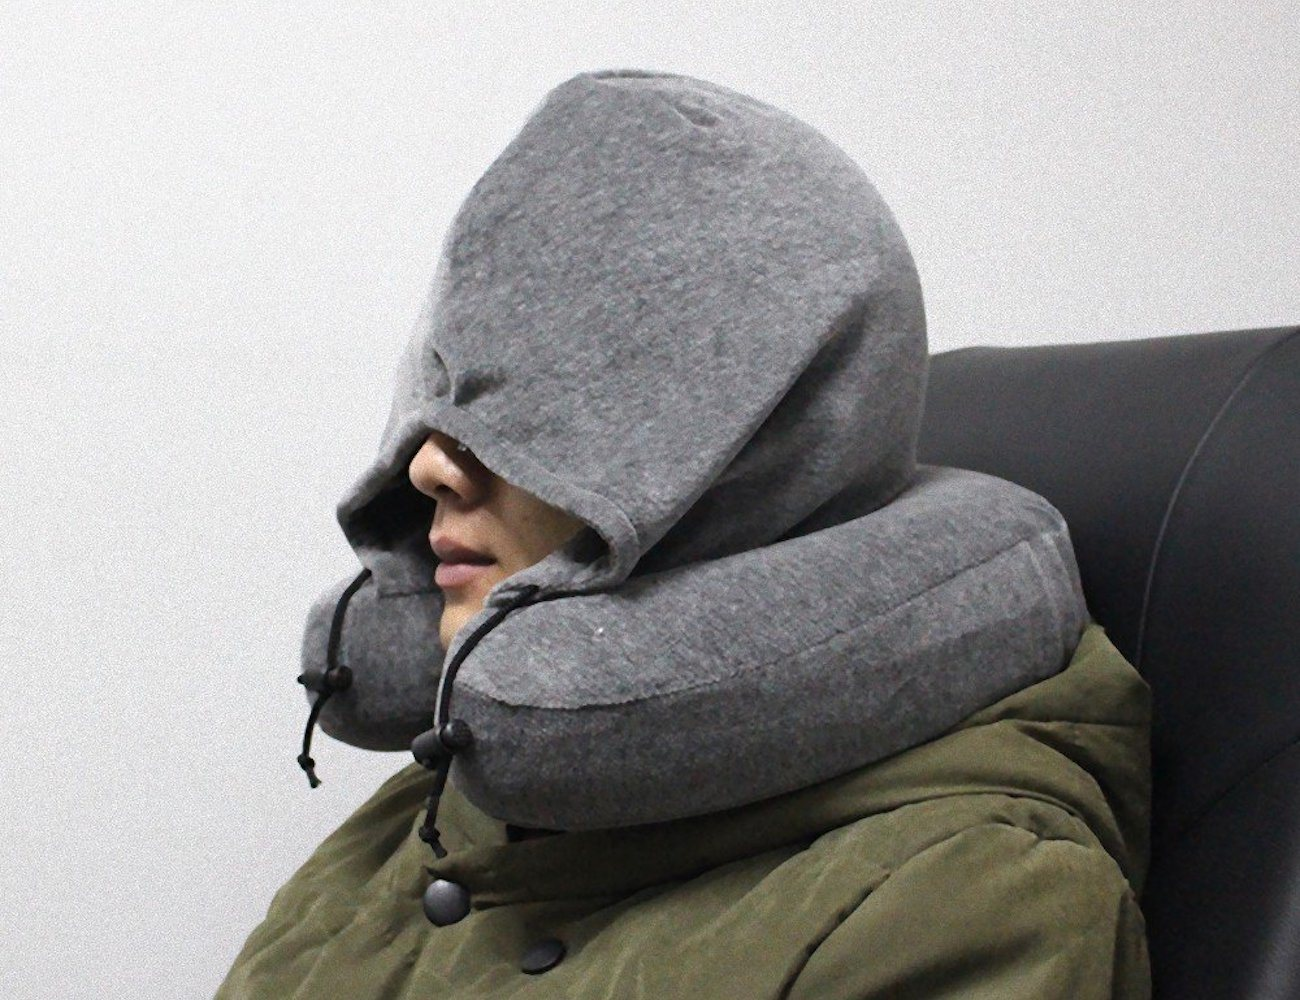 home gadget hoodie neck pillow 55 gadgets